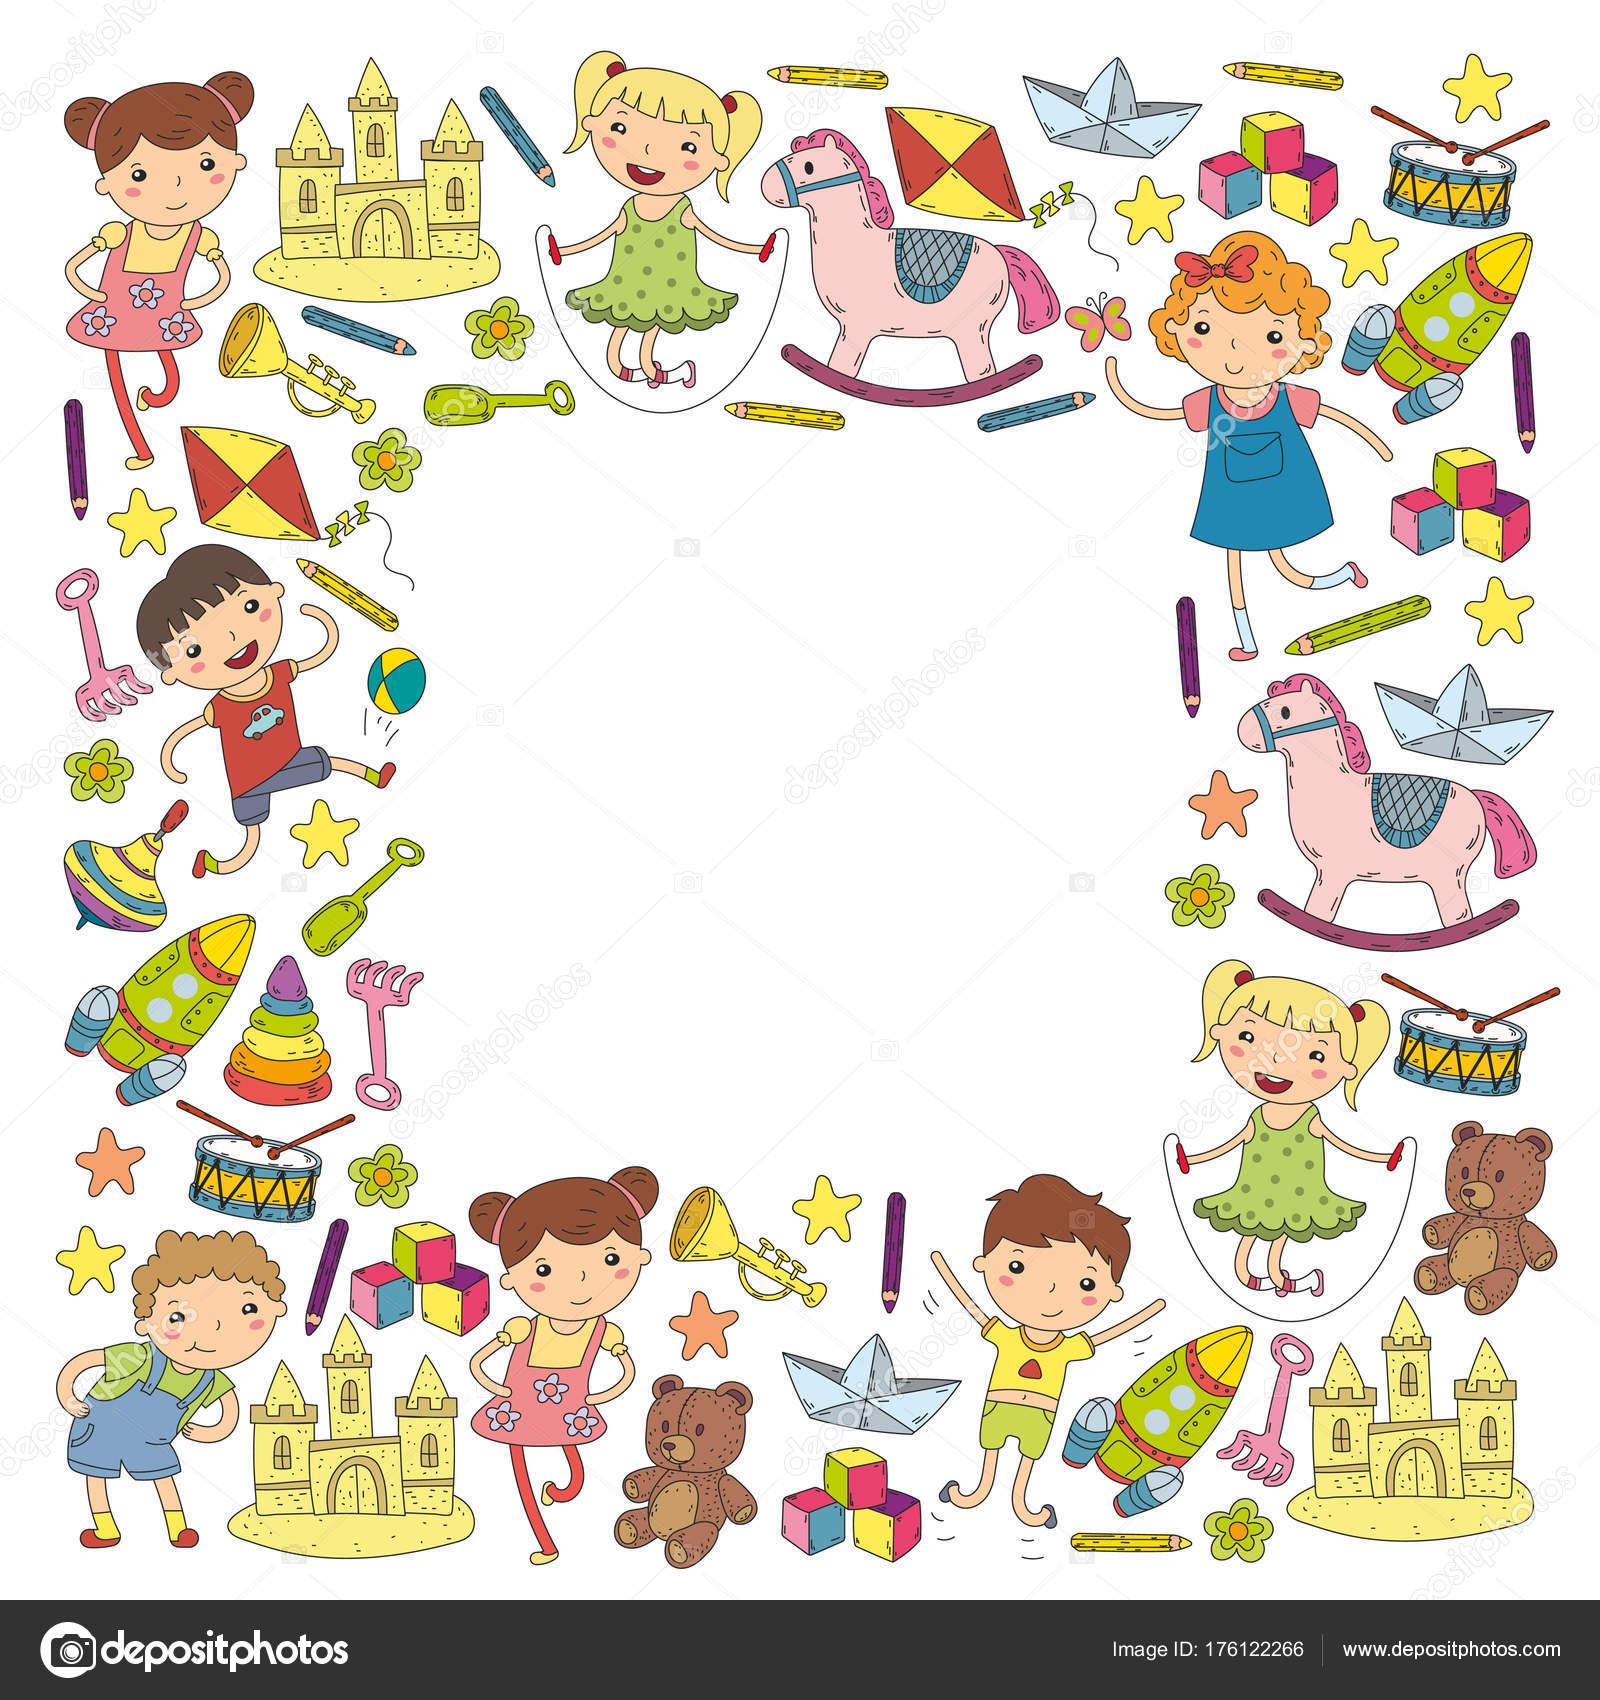 kindergarten nursery preschool school education with children doodle